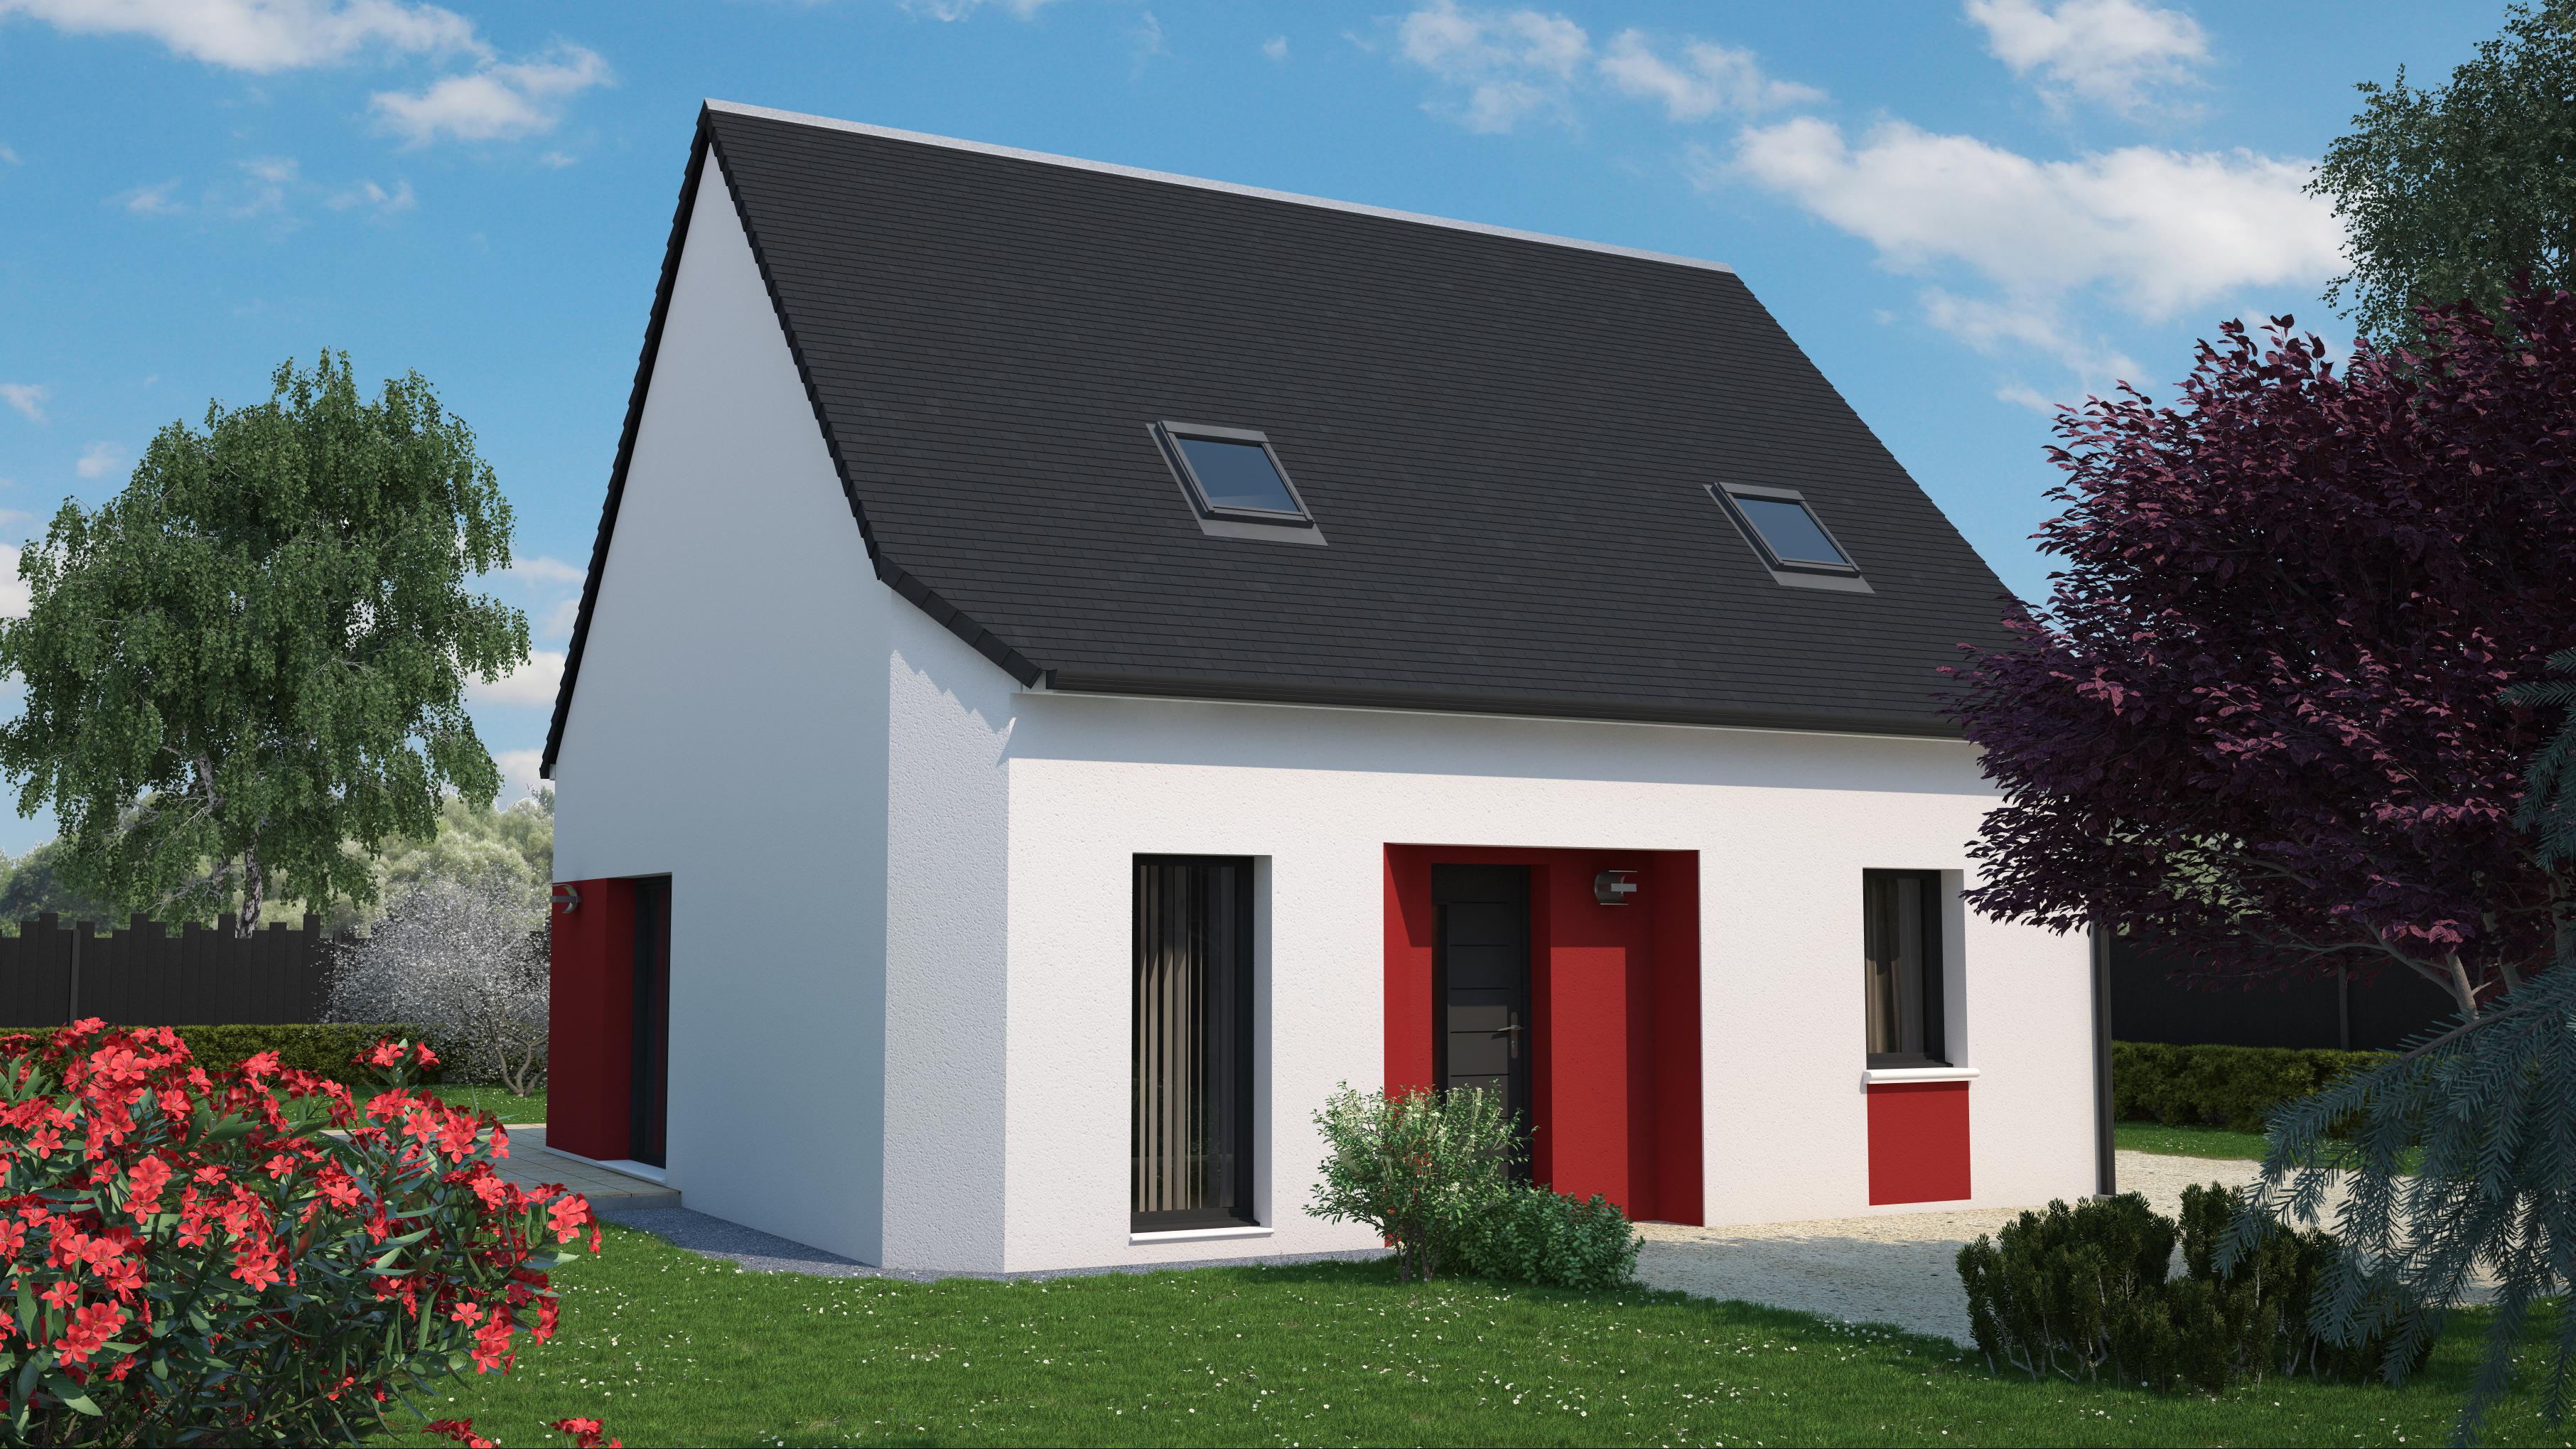 Maison 4 chambres de 94 m²